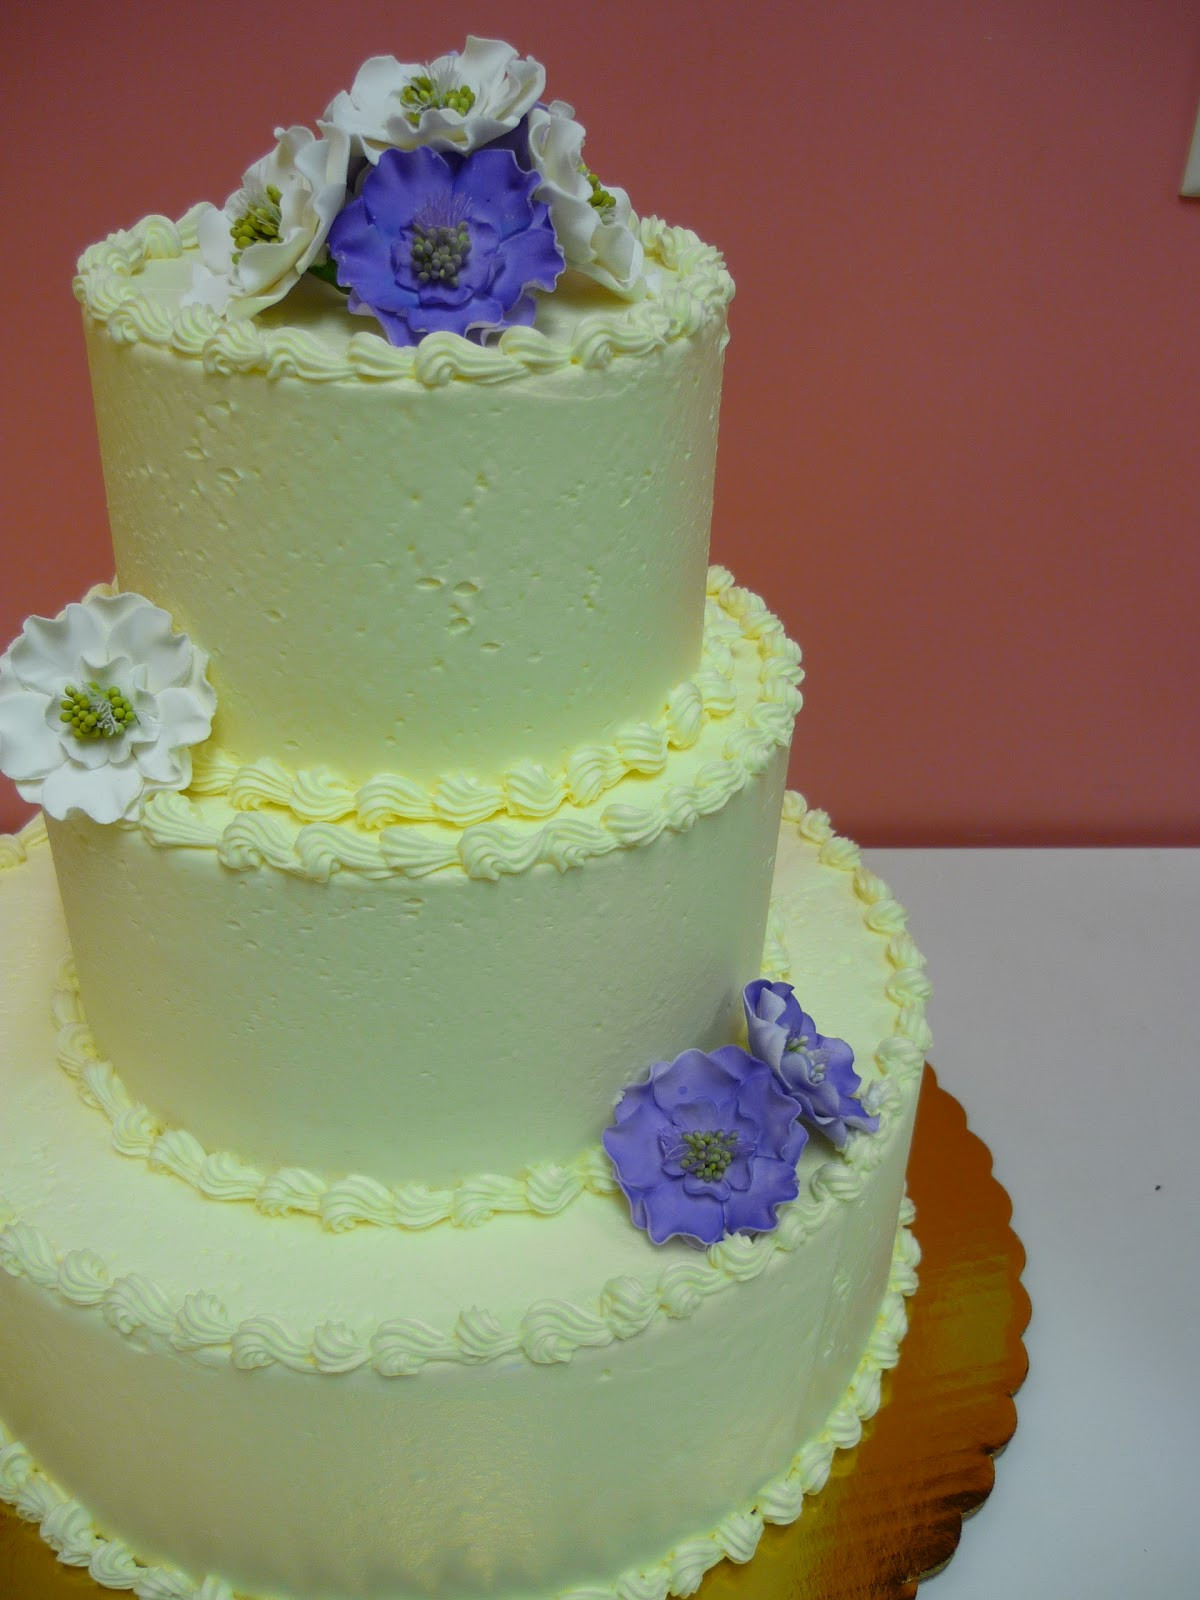 Gluten Free Wedding Cakes  Artisan Bake Shop Gluten Free Vegan & Dairy Free